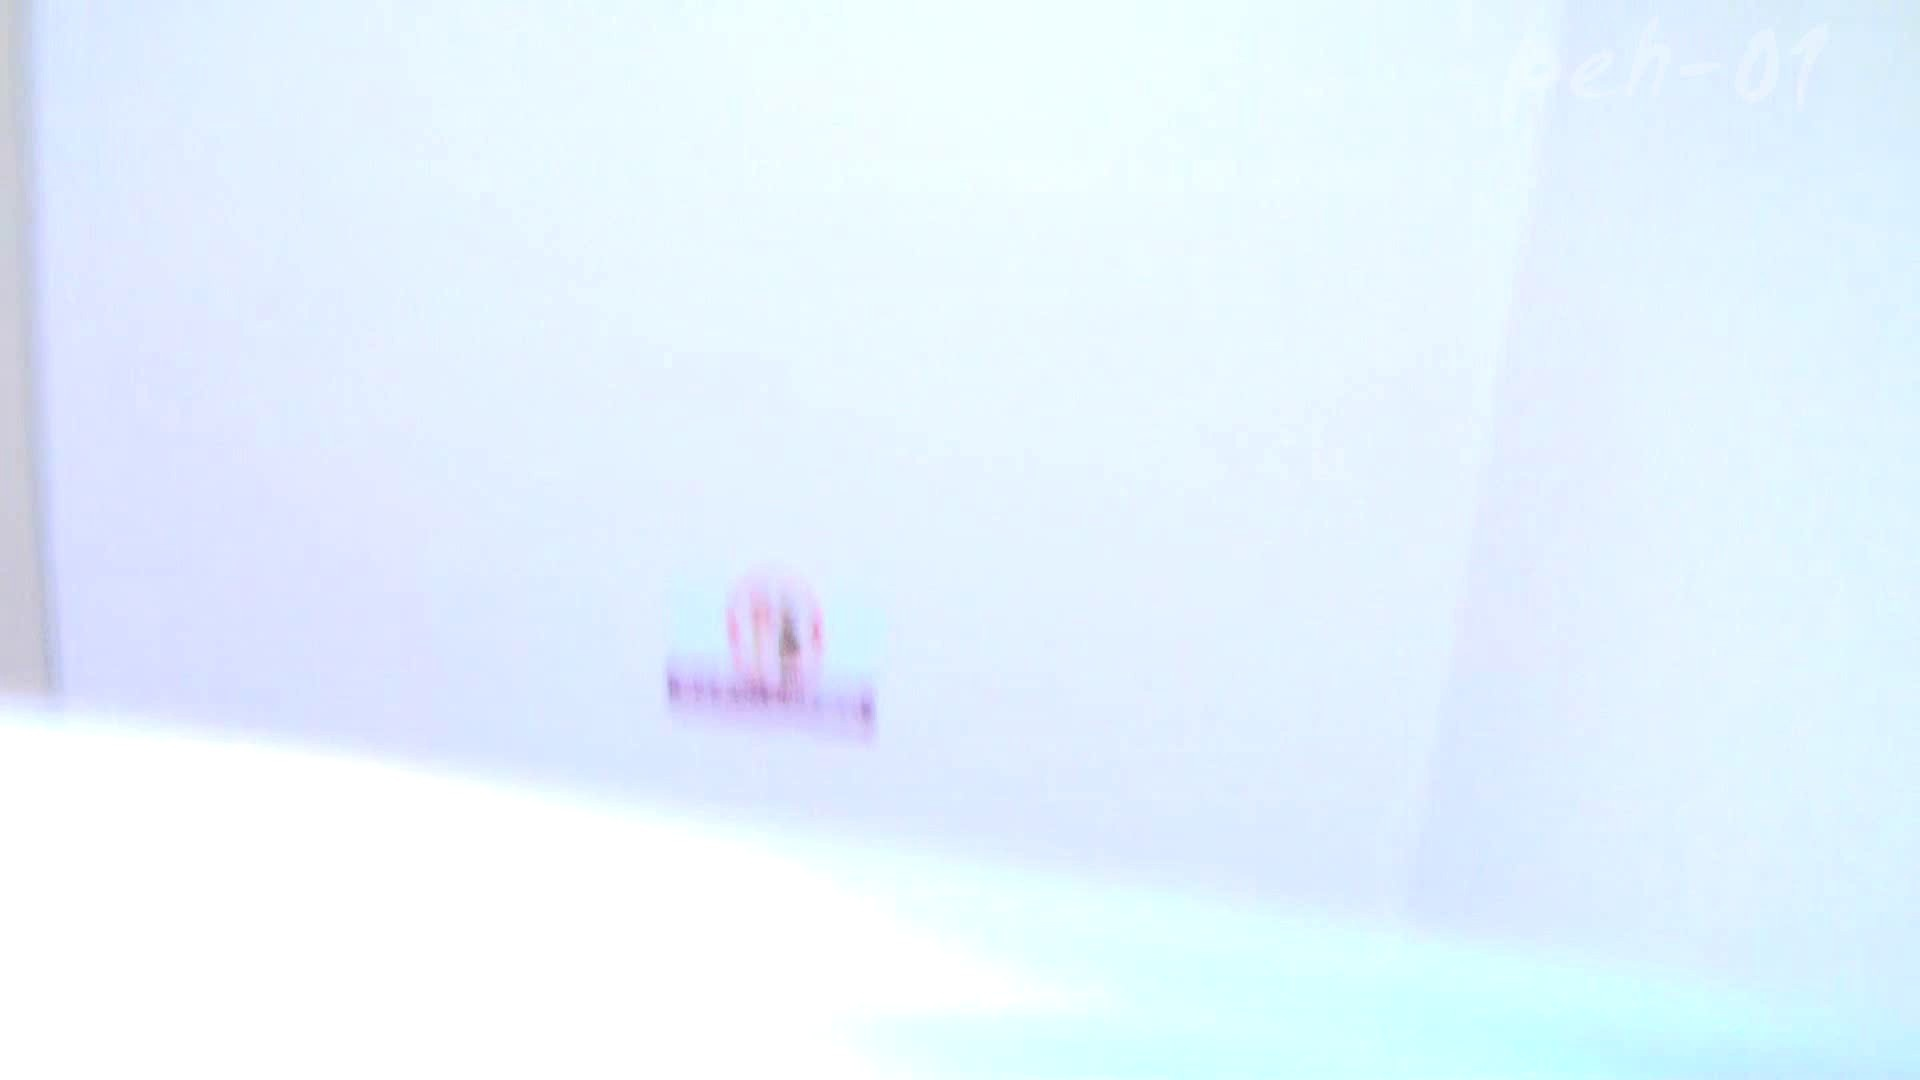 ※100個限定販売 至高下半身盗撮 プレミアム Vol.1 ハイビジョン 洗面所のぞき | 名作殿堂動画  103枚 1